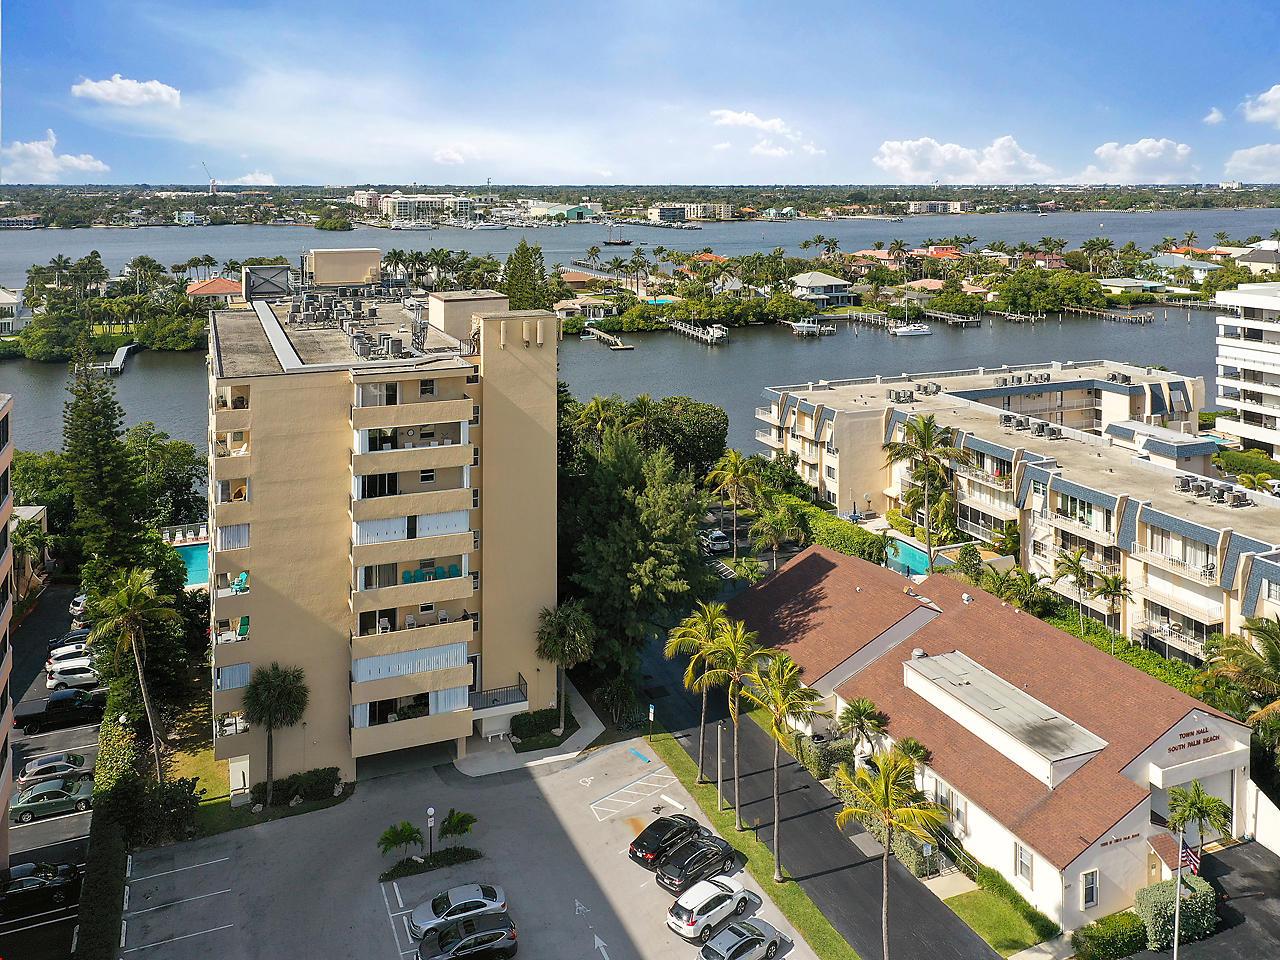 3581 S Ocean Boulevard #Ph F - 33480 - FL - South Palm Beach